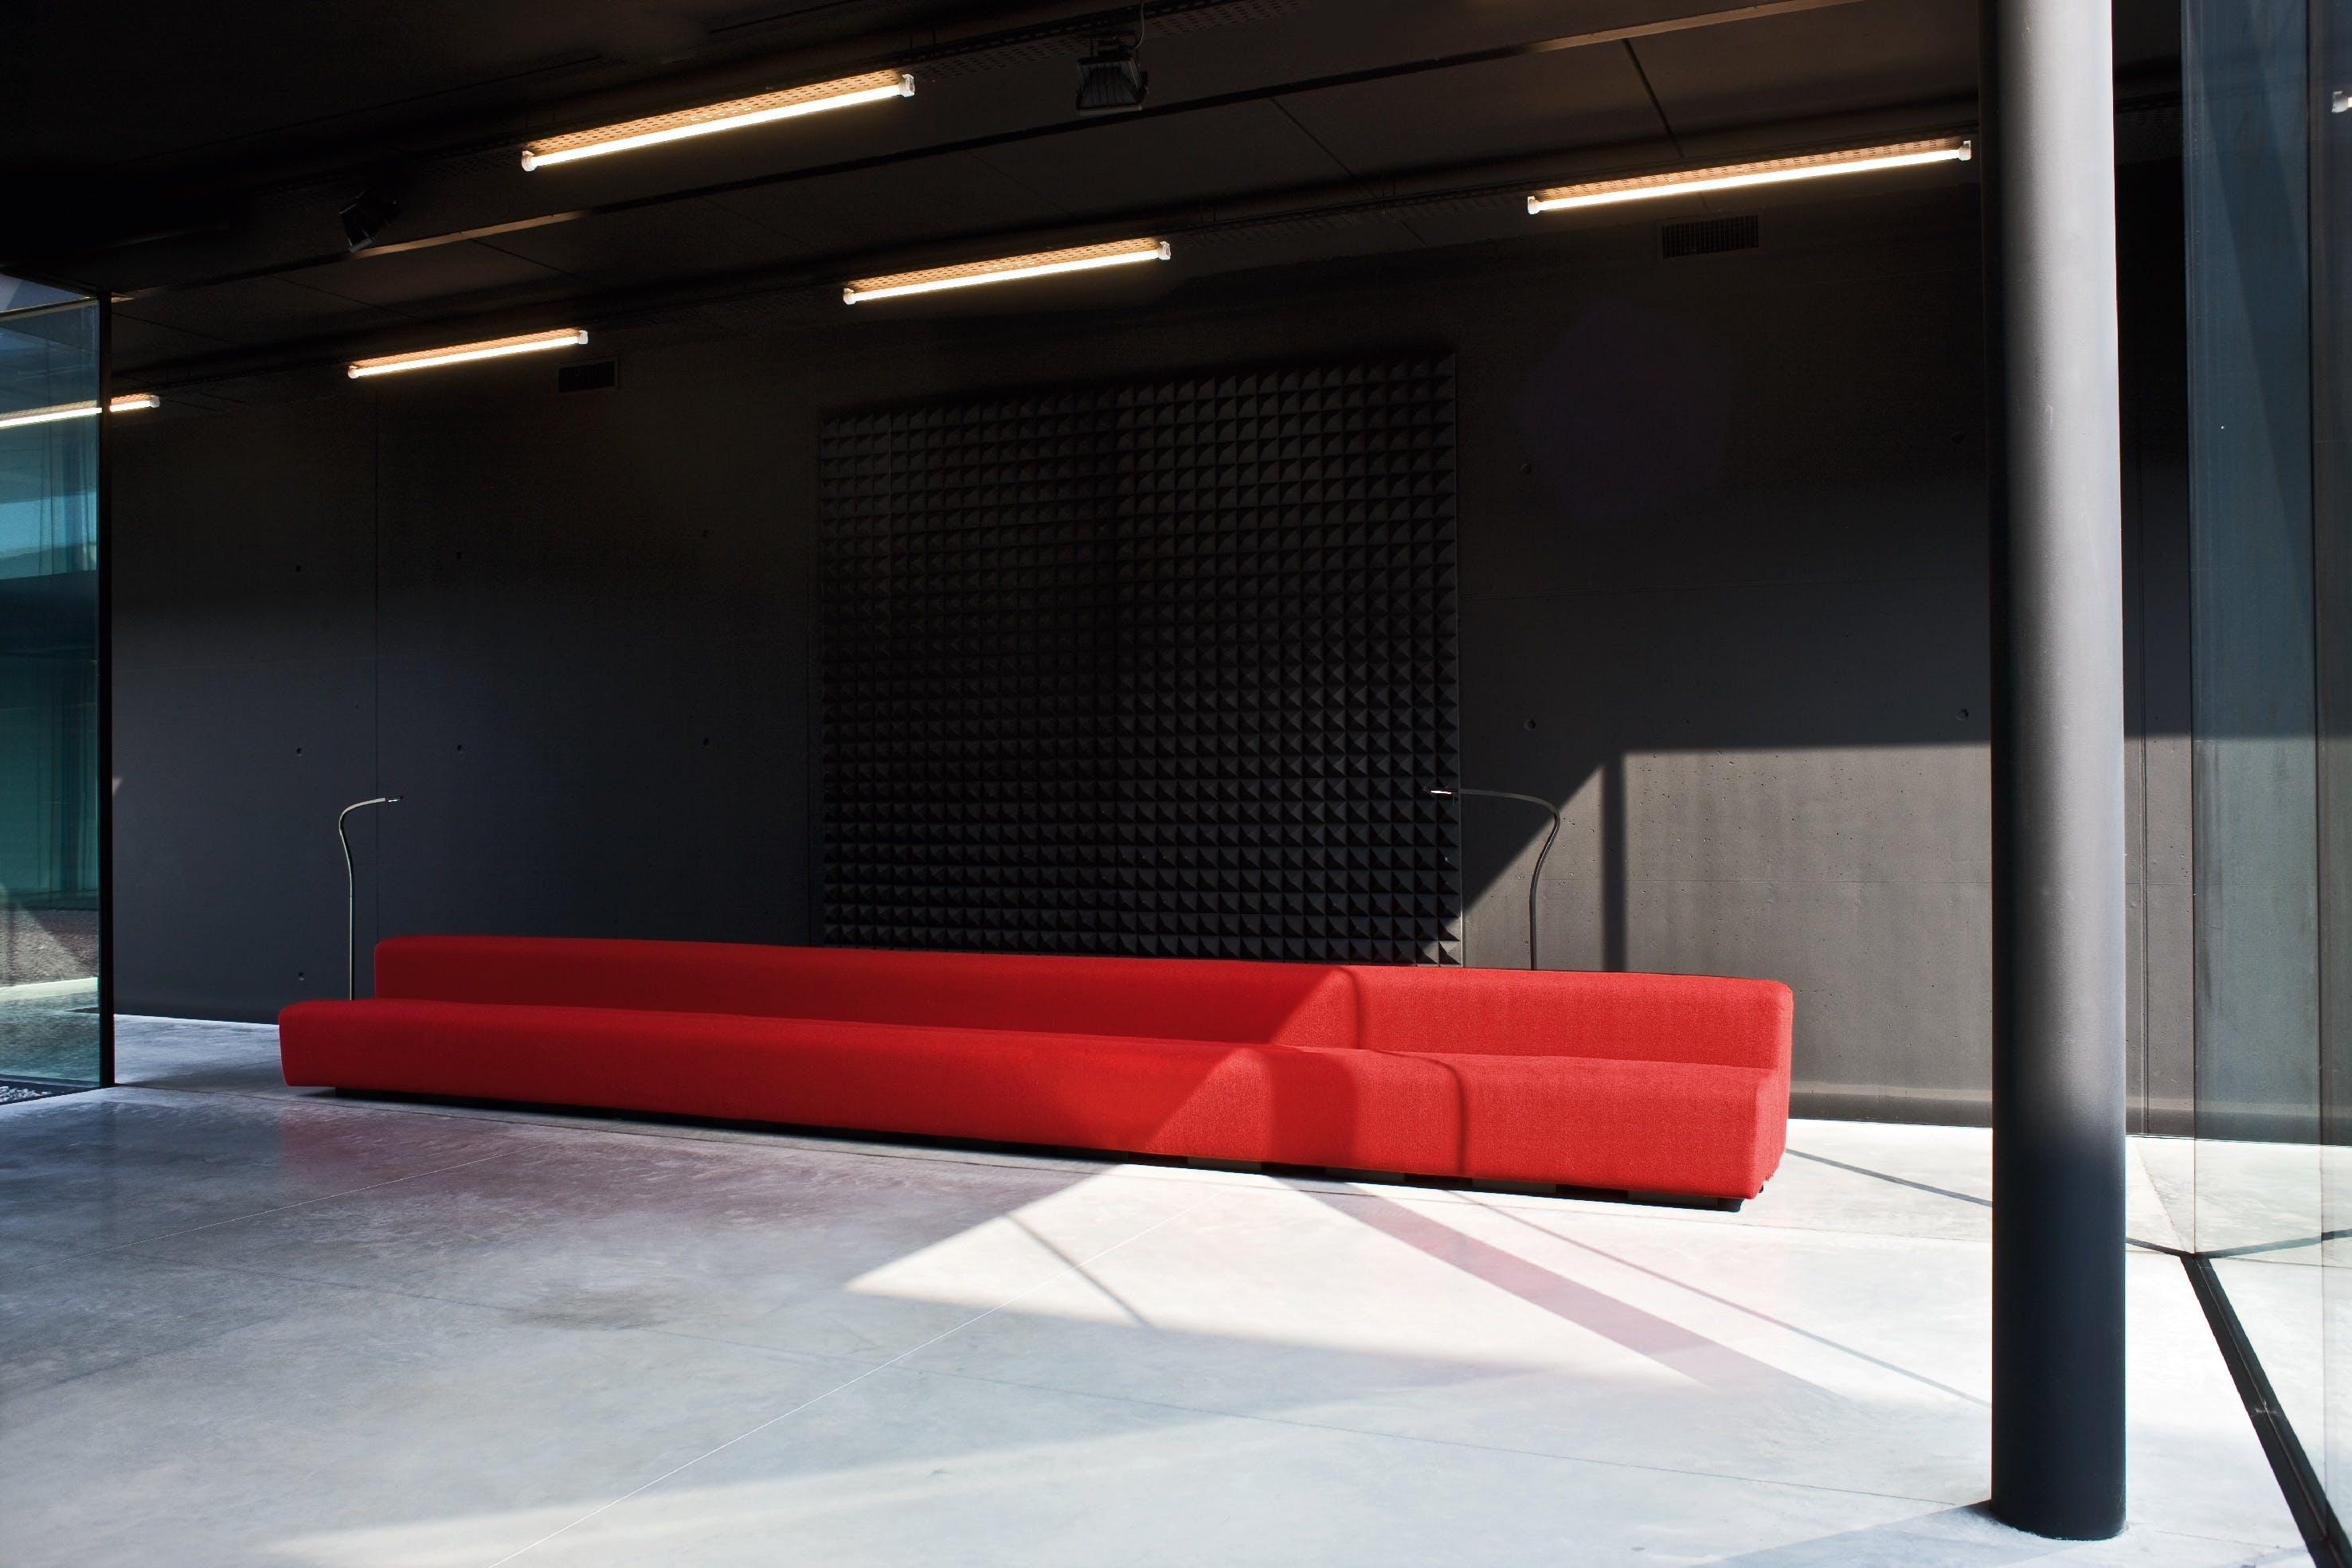 Lacividina-osaka-sofa-red-angle-haute-living